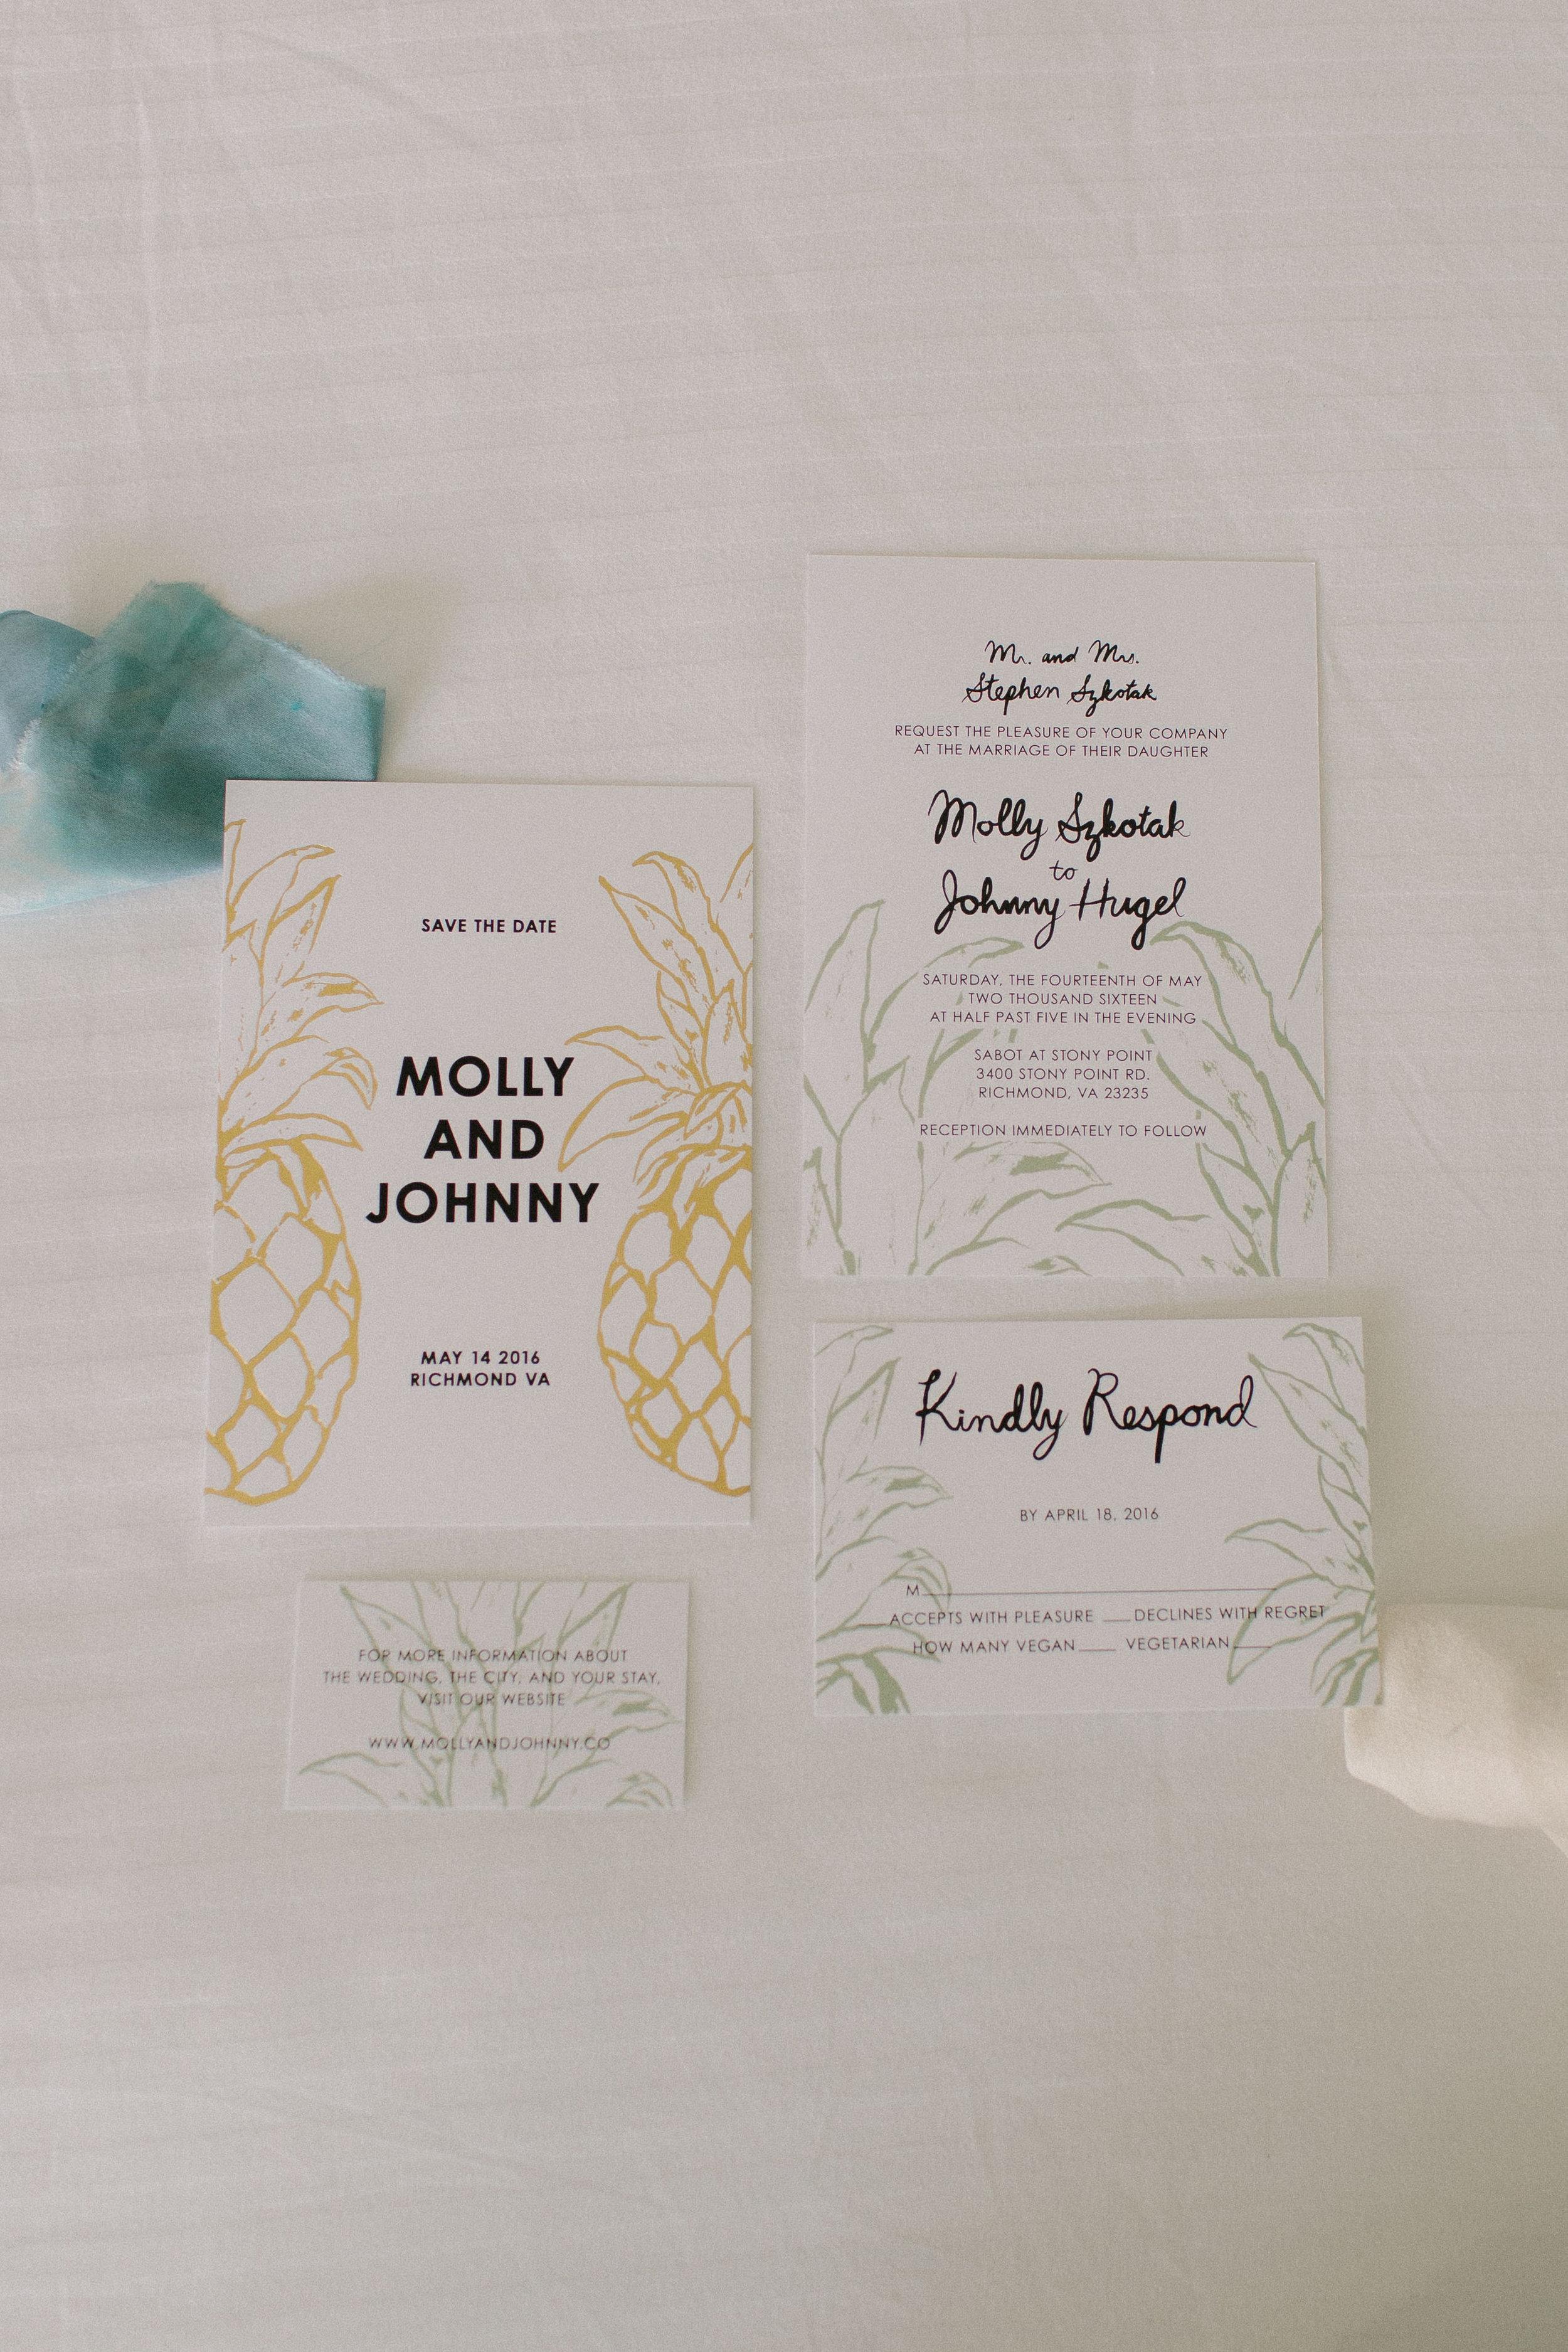 16 05 14 Molly Johnny Wedding Photos-Molly Johnny Wedding Photos-0010.jpg